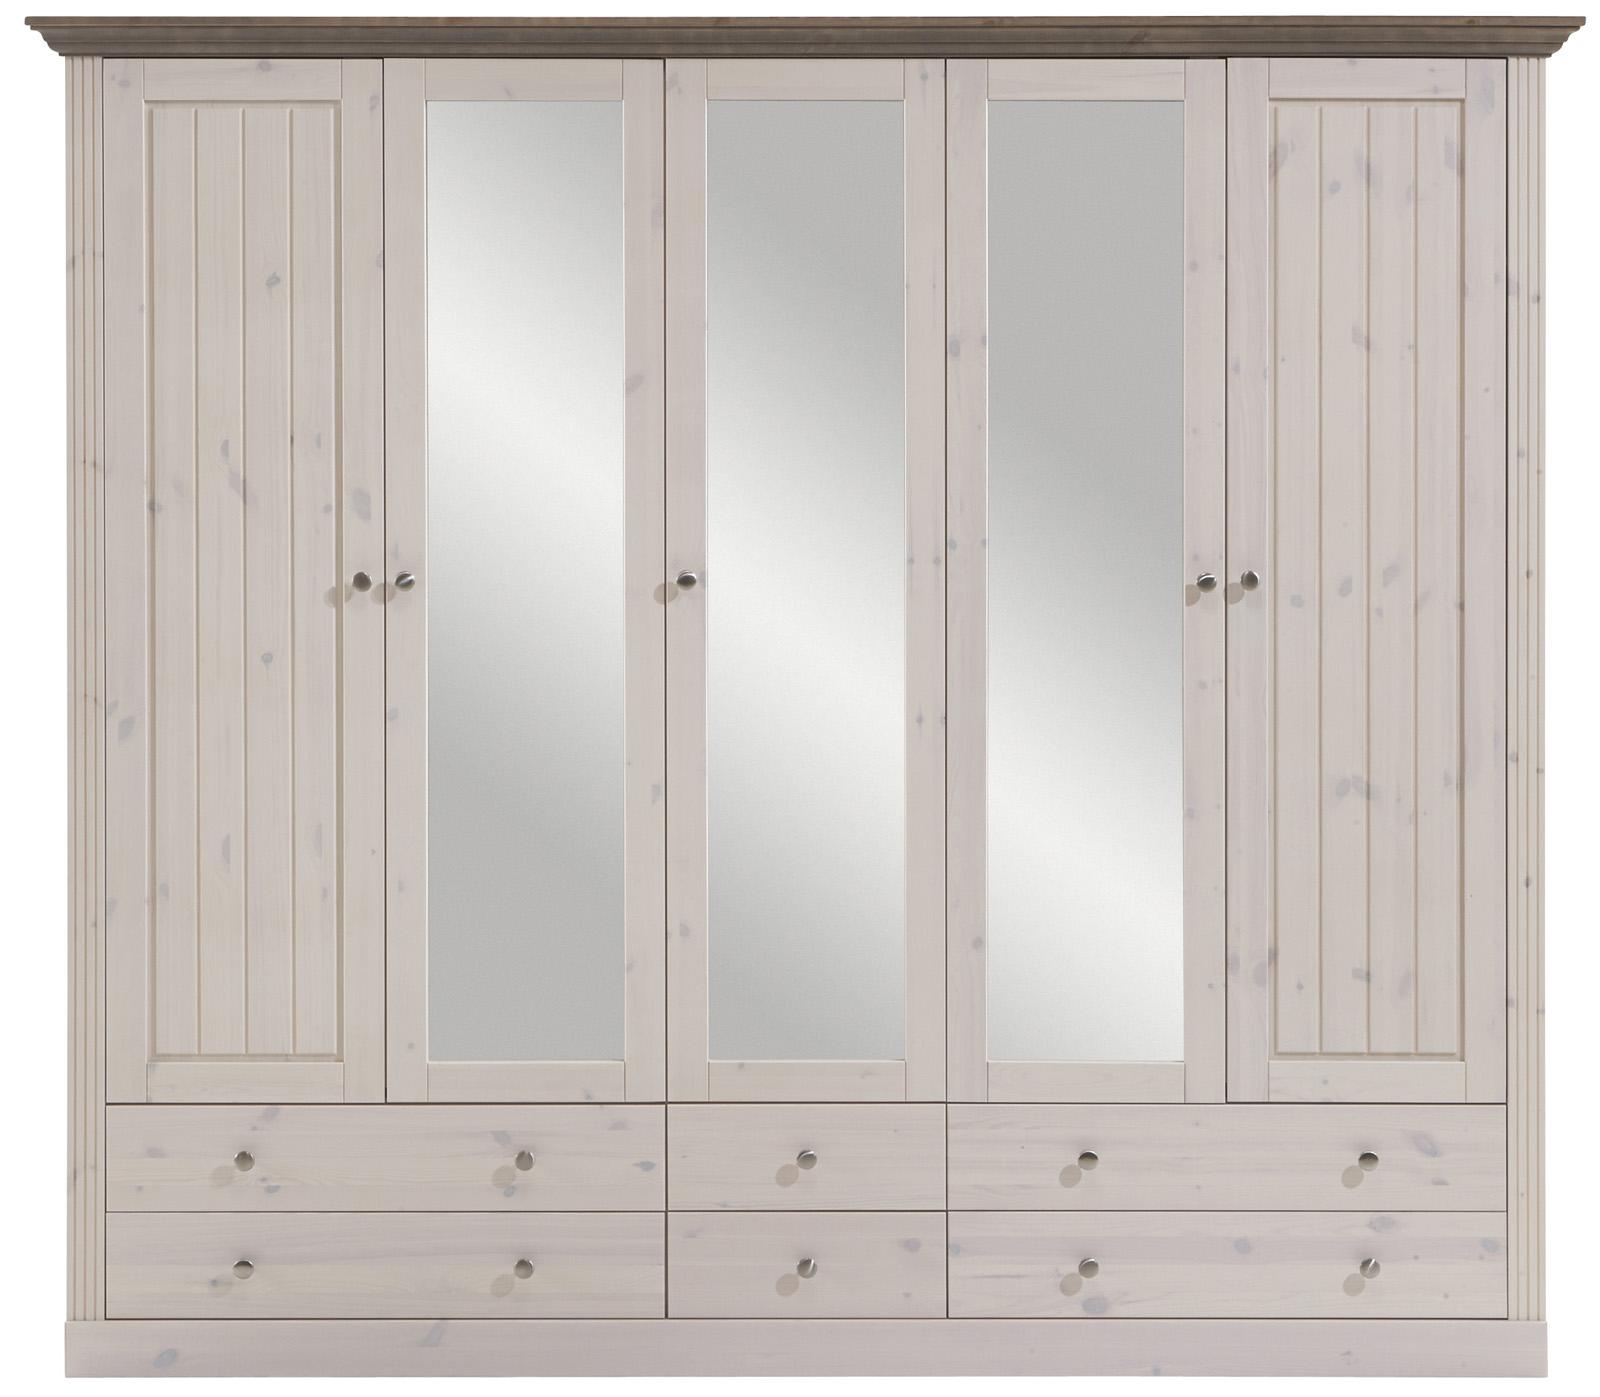 Bílá šatní skříň z masivu Monaco 115 bílá / stone